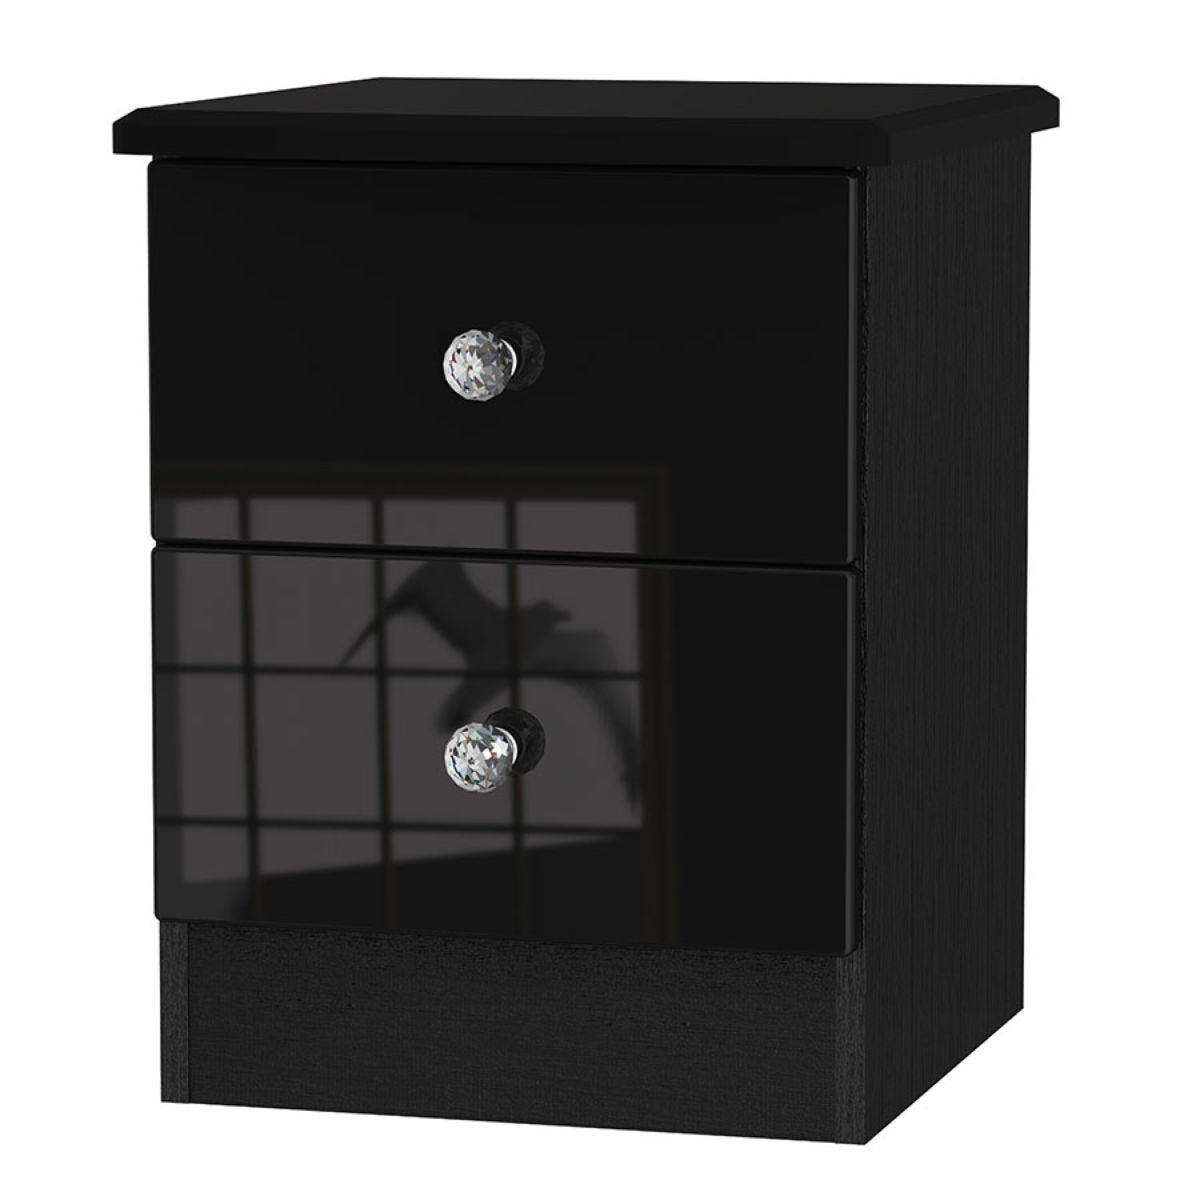 Tedesca 2-Drawer Bedside Table - Black